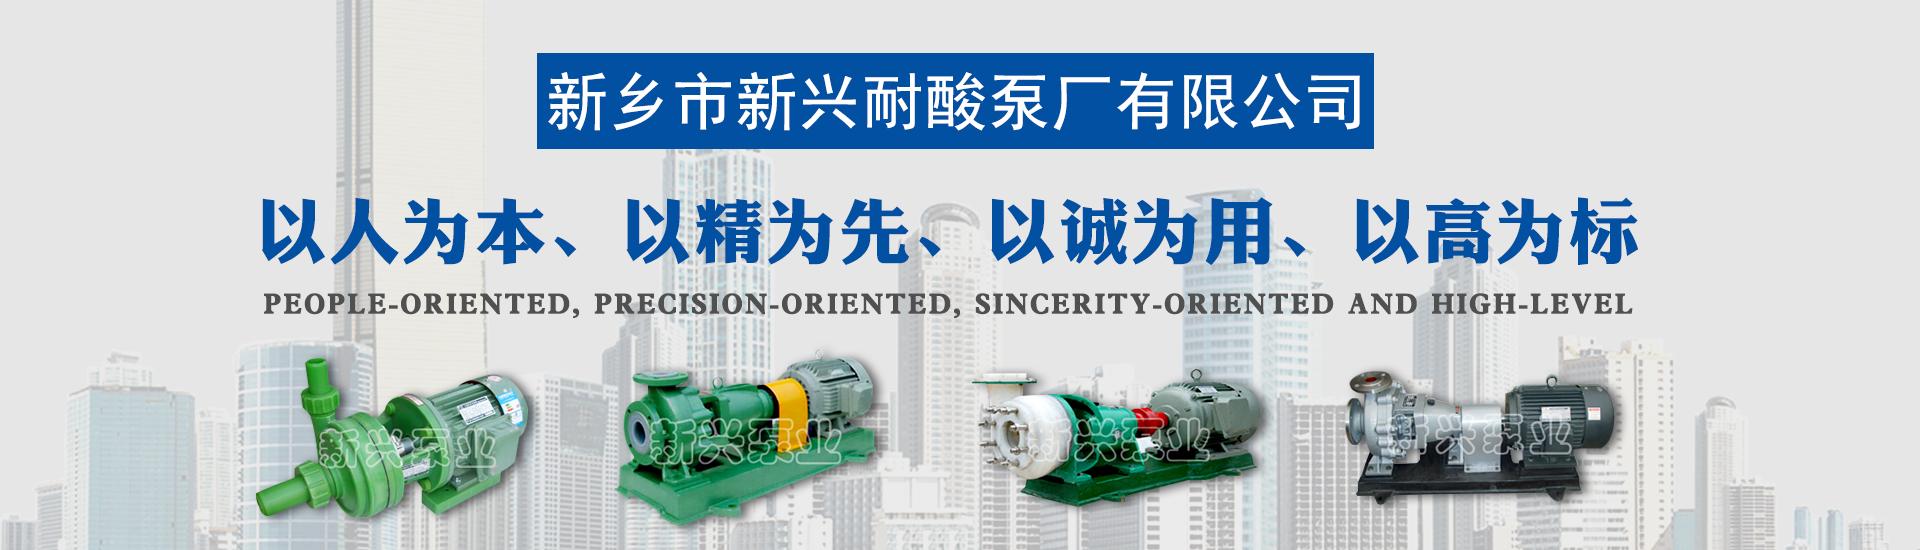 化工泵,耐酸泵,耐腐蚀泵,磁力化工泵厂家,新乡市新兴耐酸泵厂有限公司